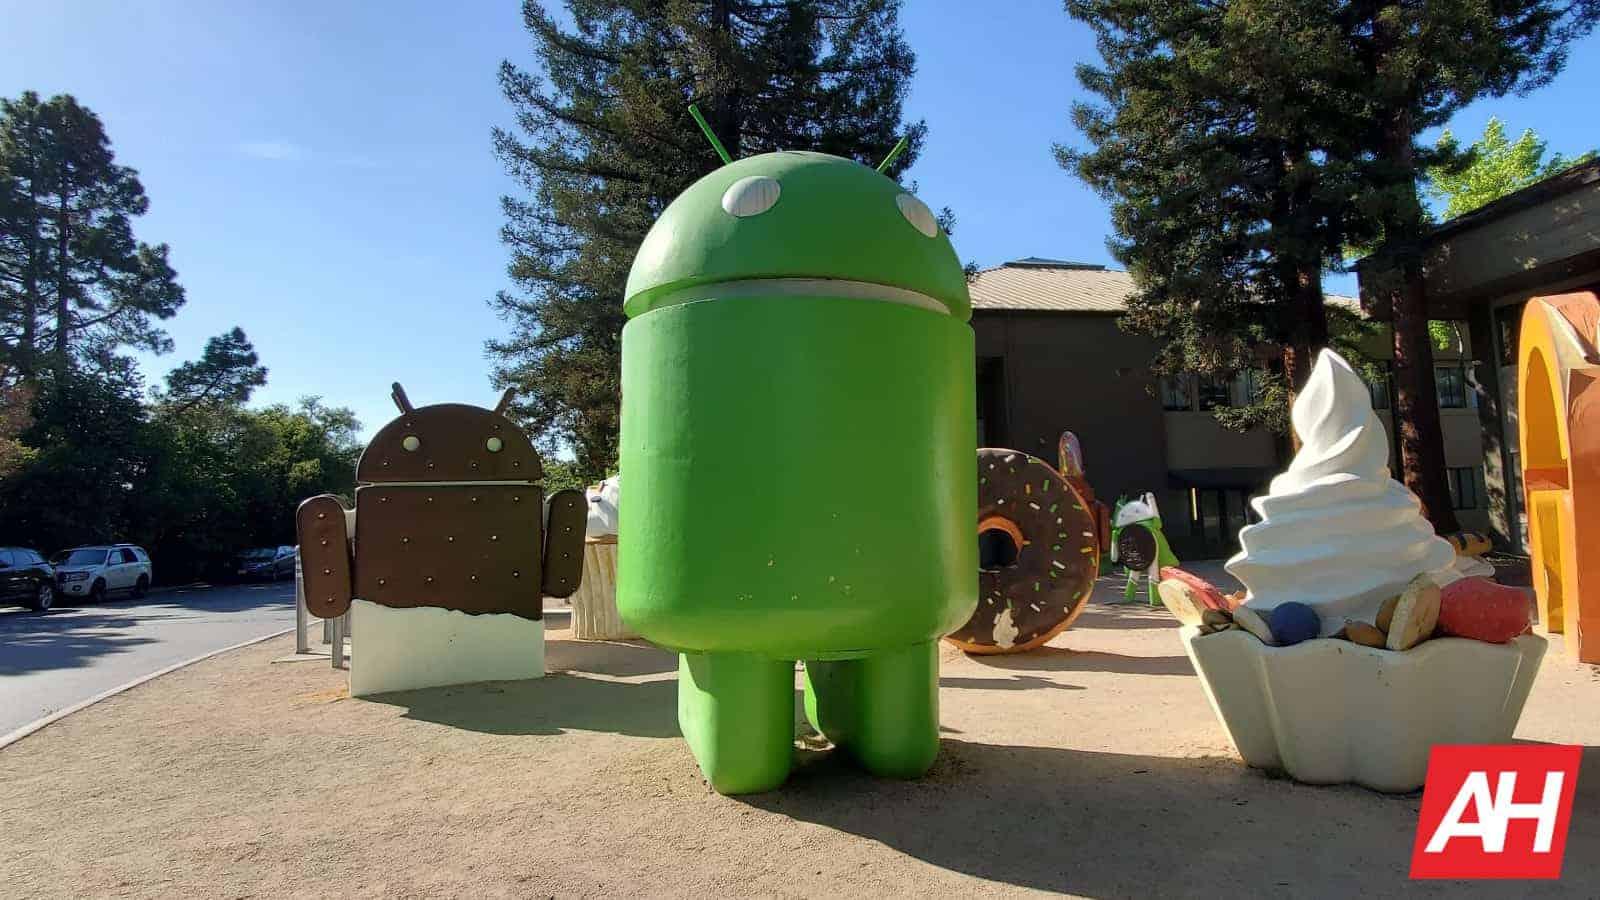 android statue broken AH